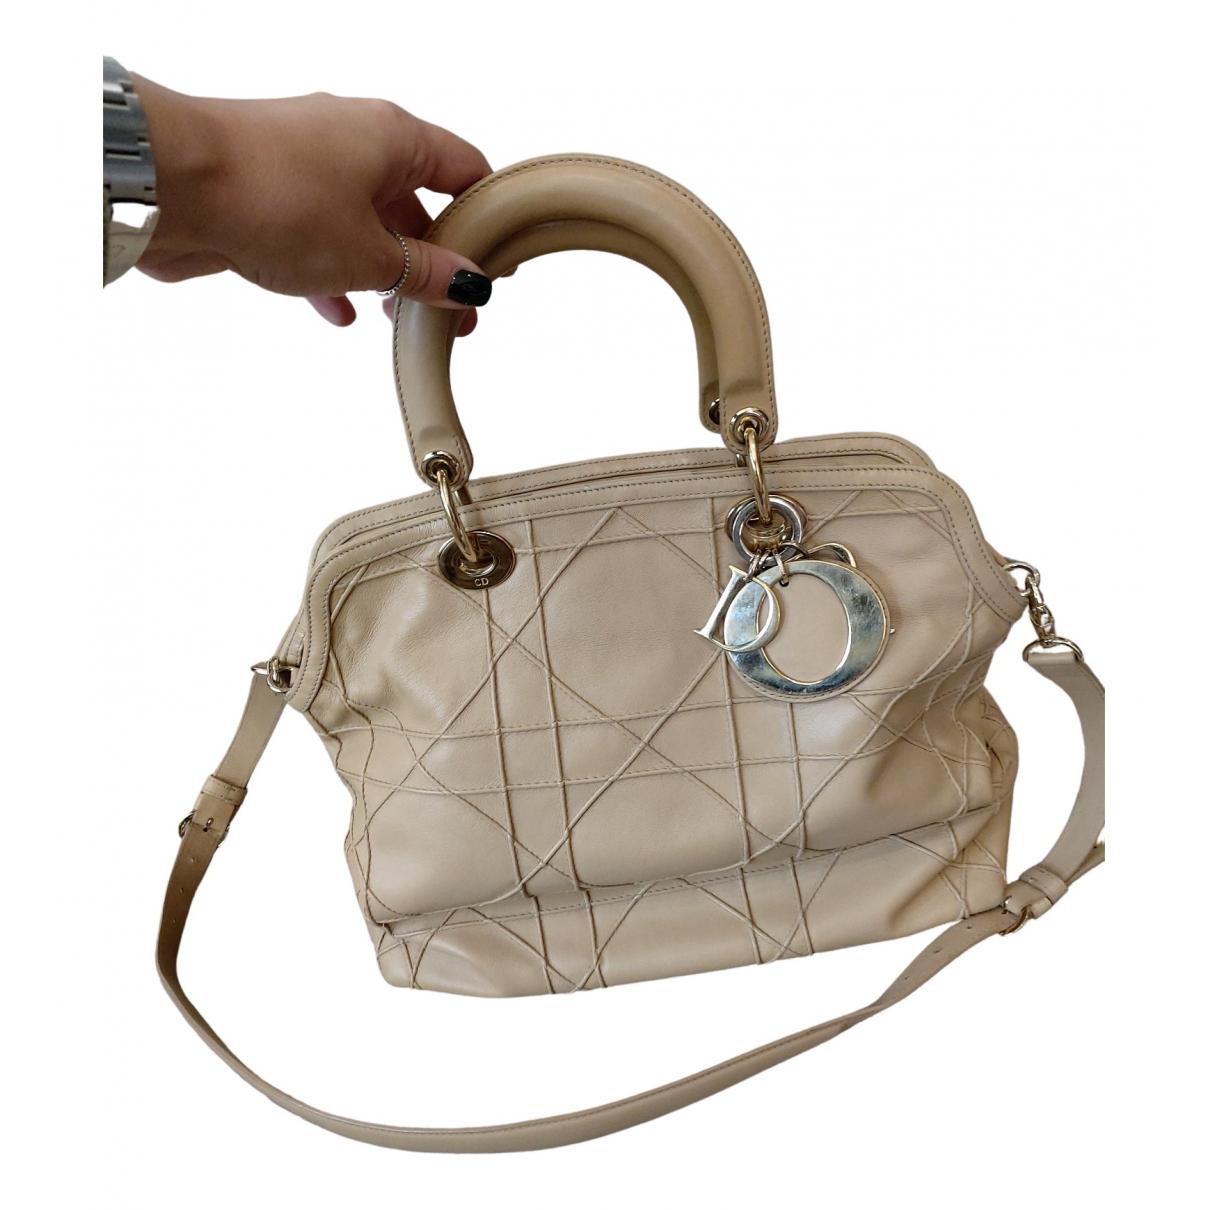 Dior - Sac a main Granville pour femme en cuir - beige